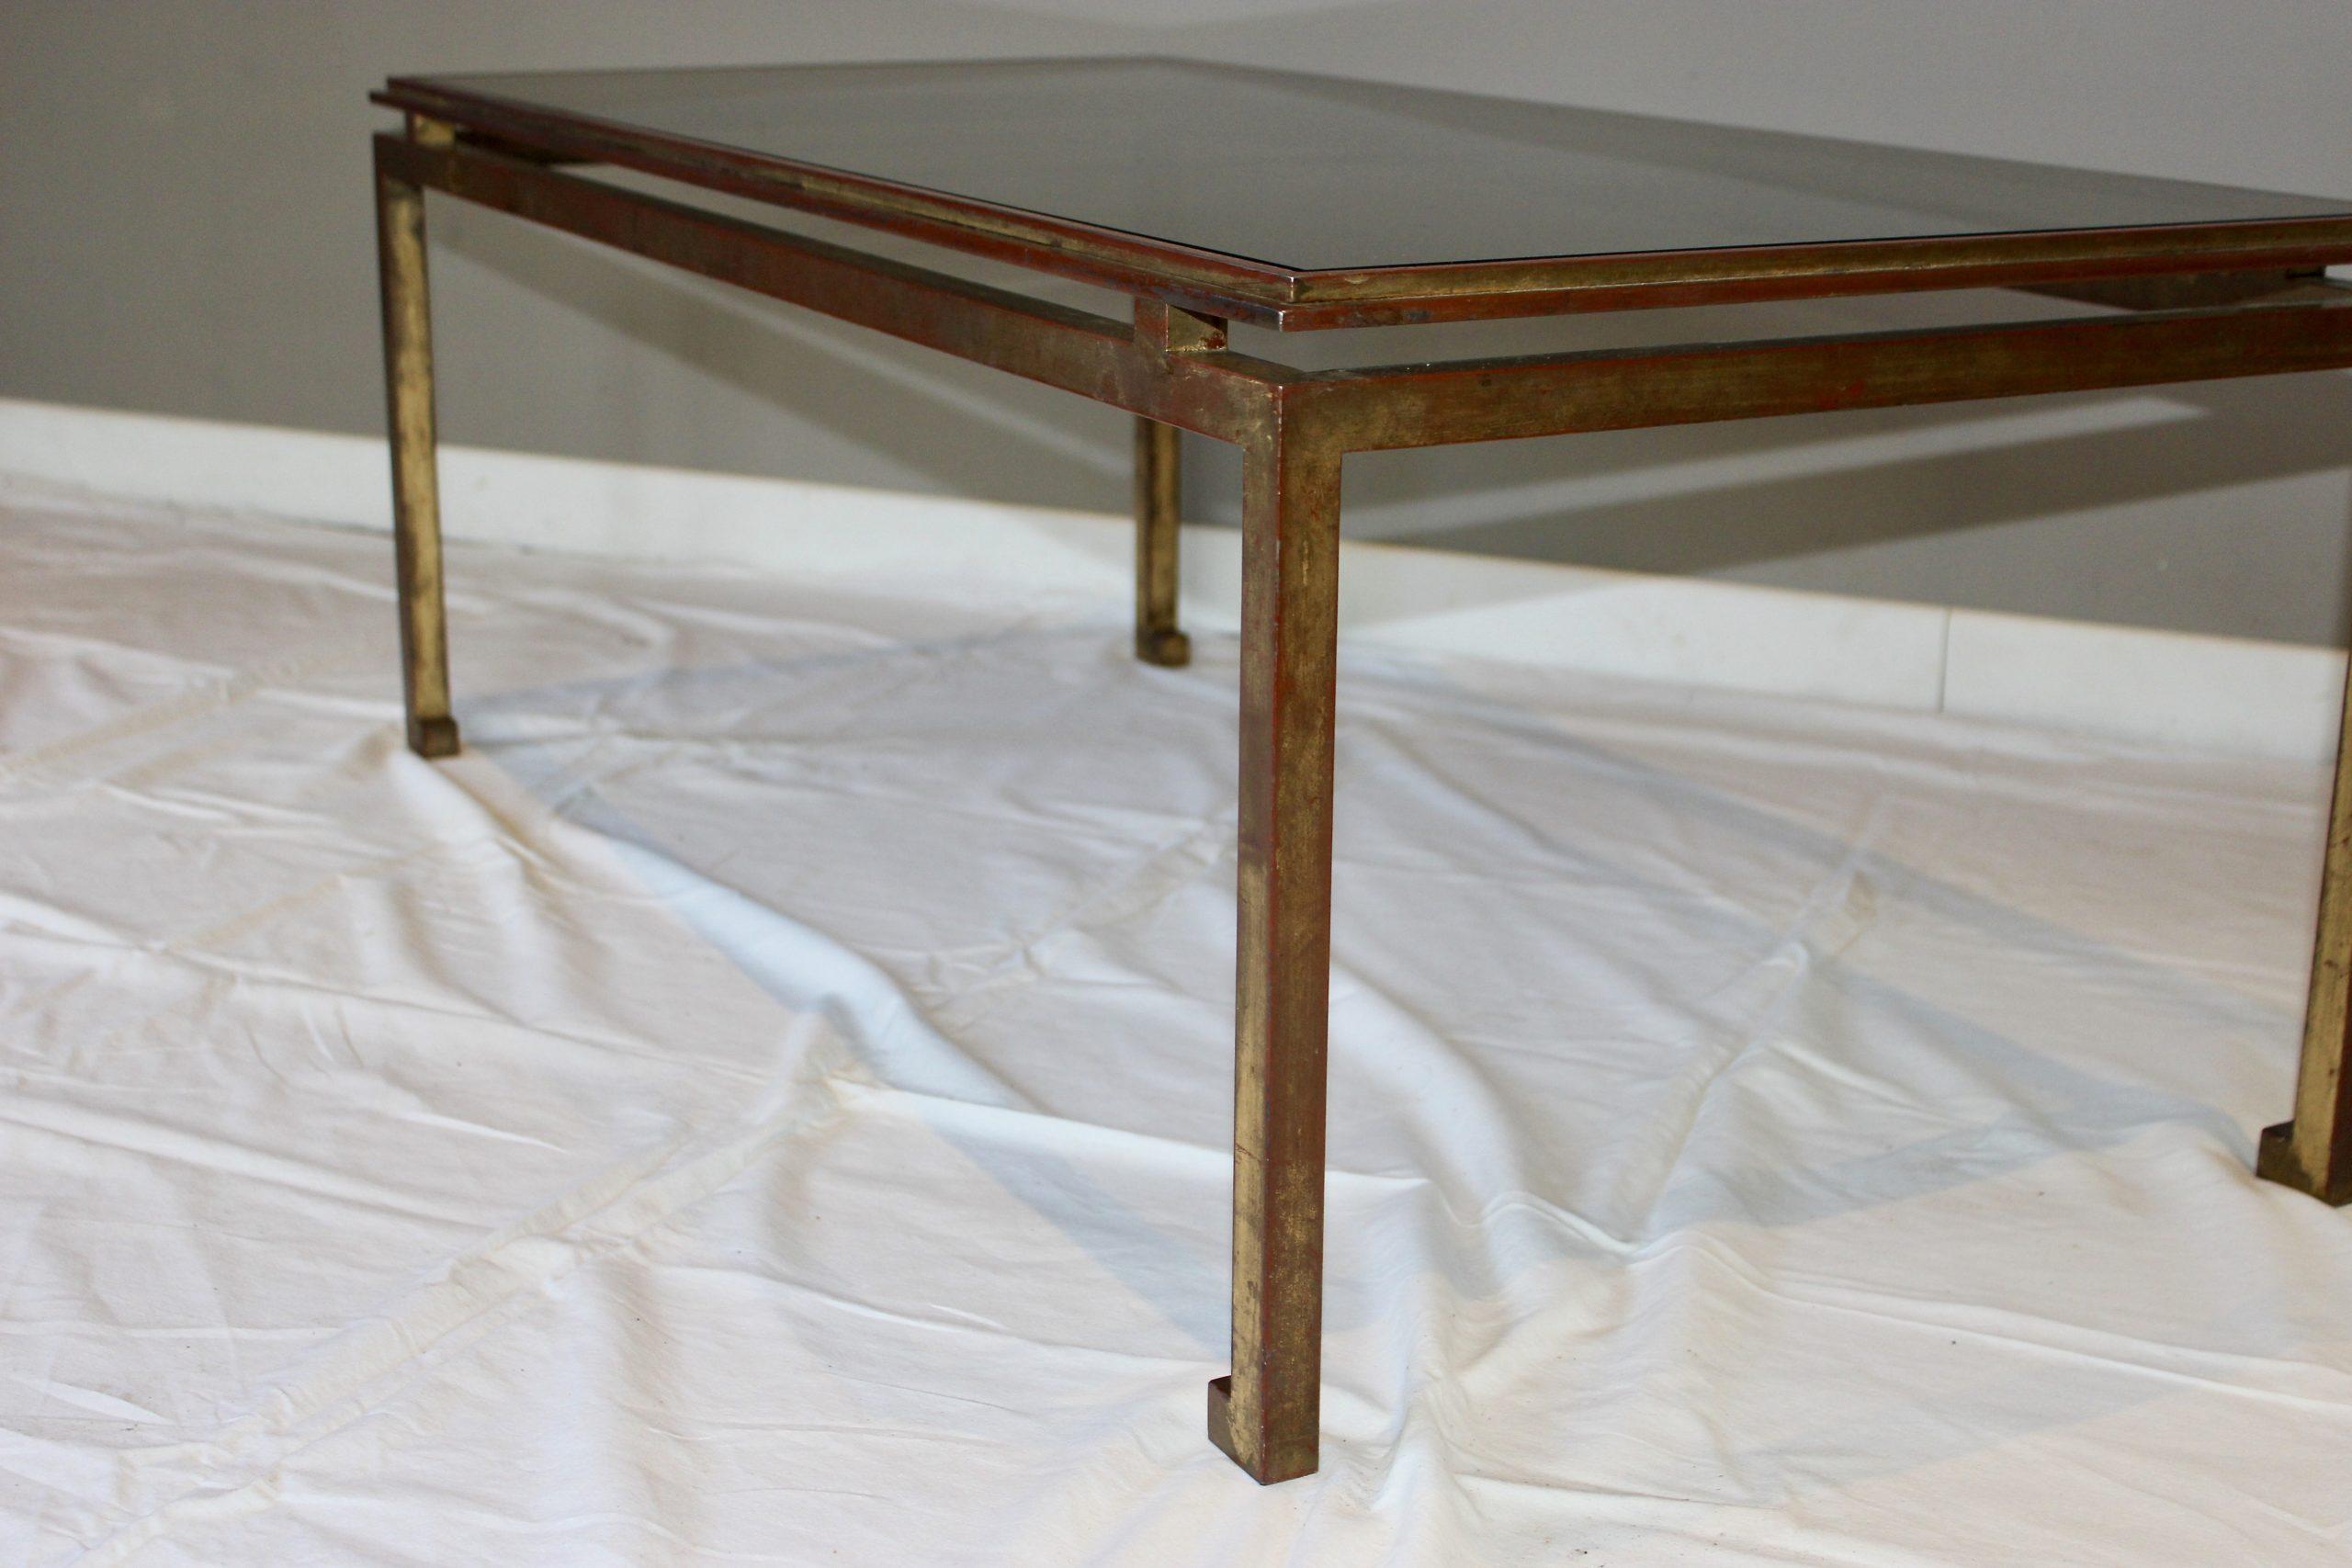 table basse vintage en verre et fer forge dore a la feuille par henri pouenat pour maison ramsay